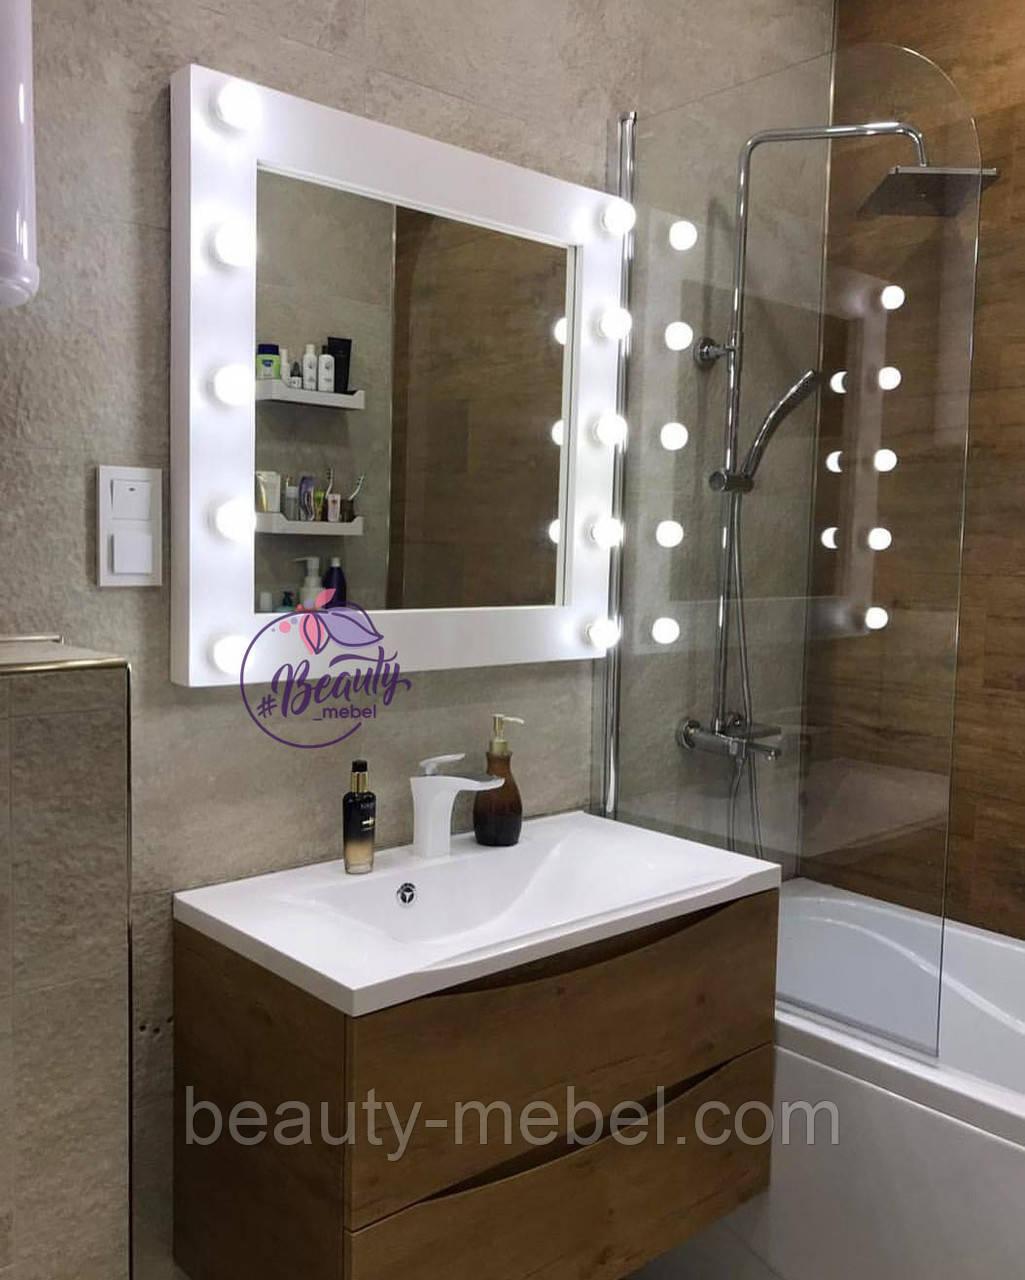 Квадратное зеркало с подсветкой по бокам